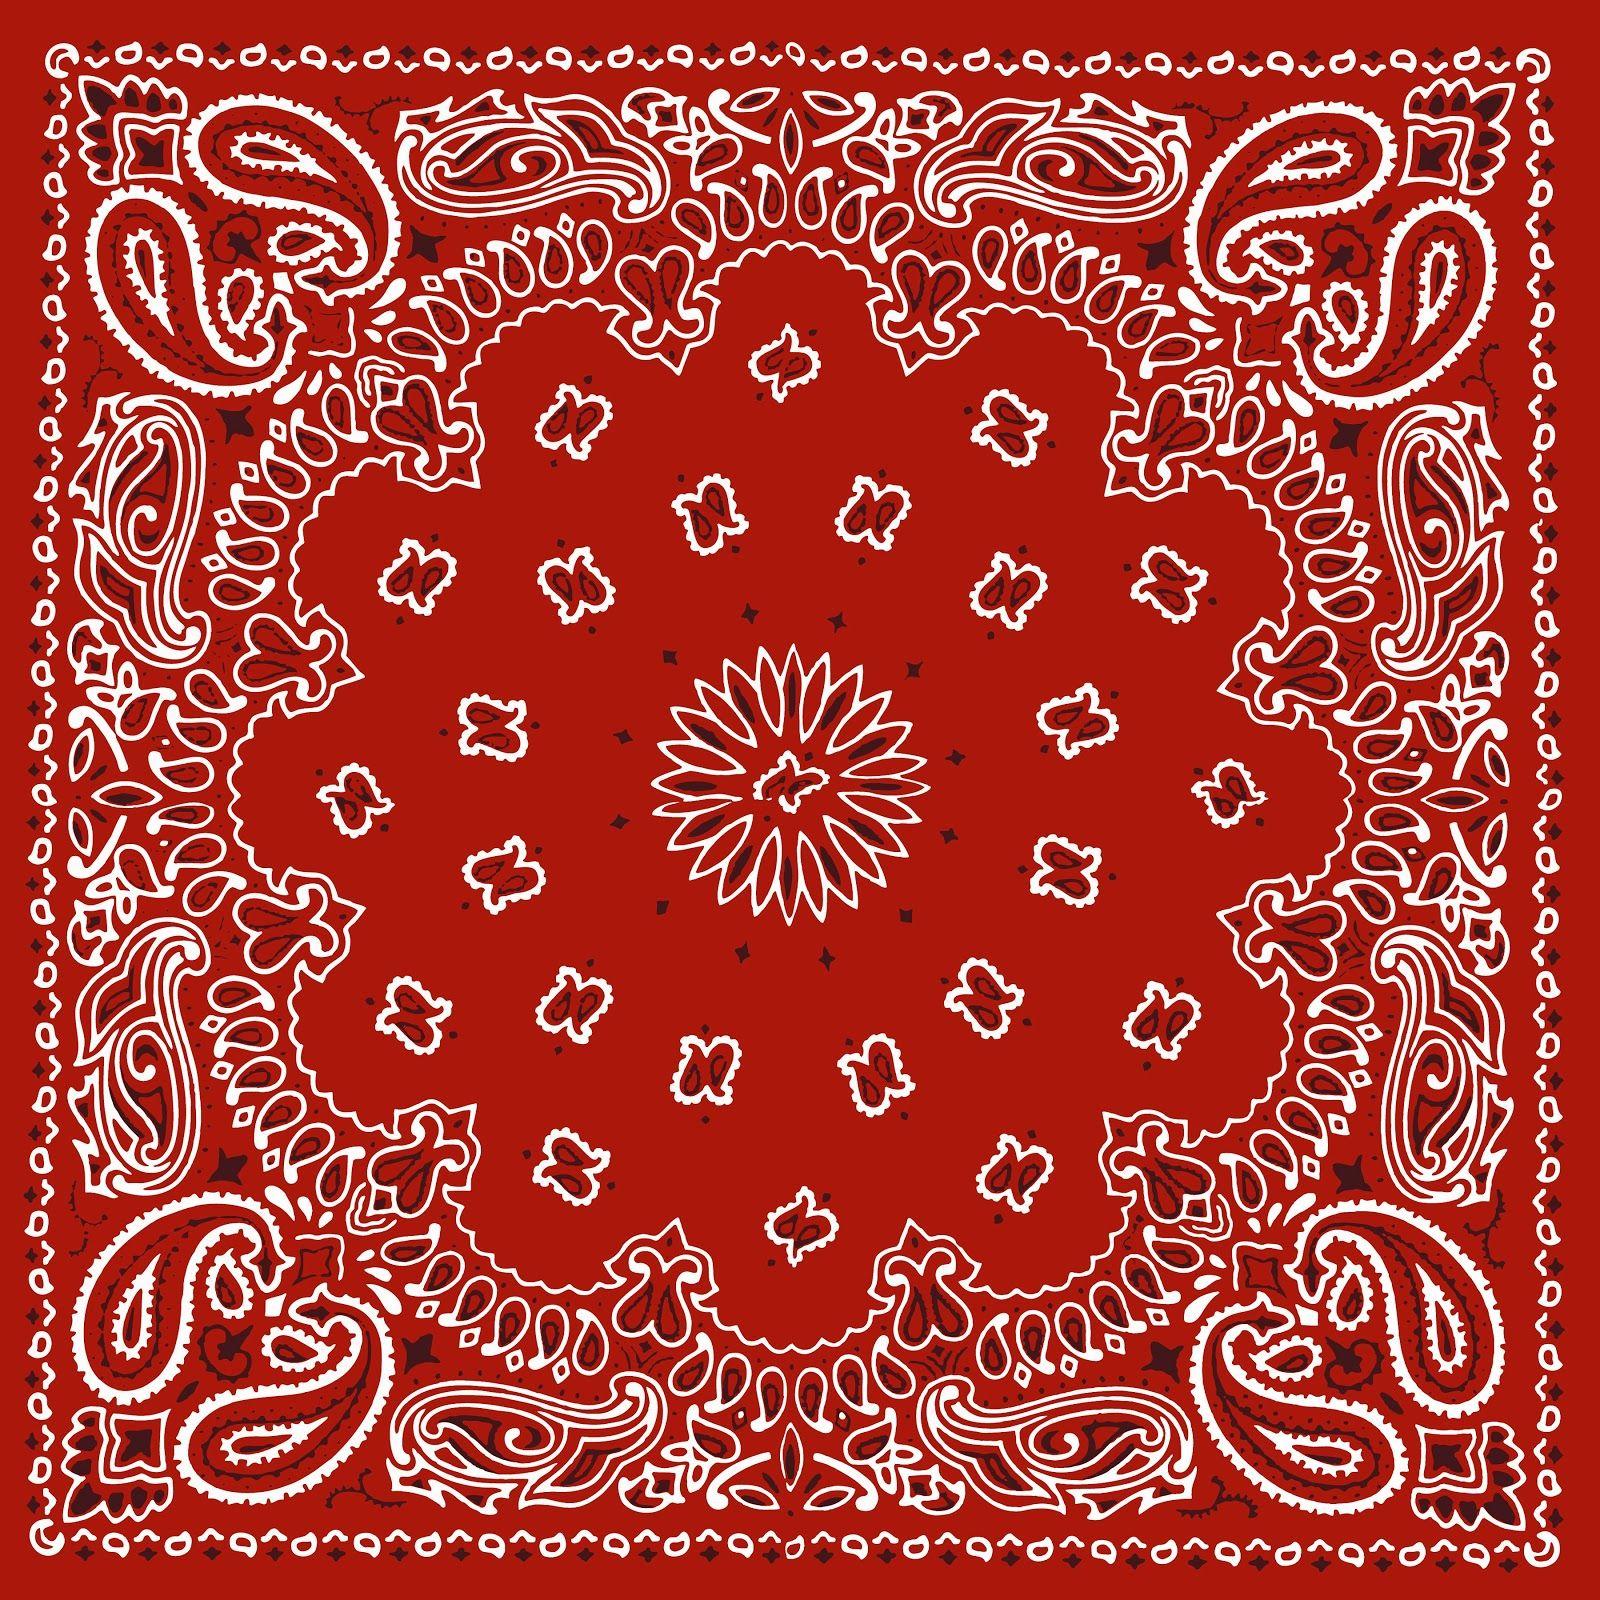 Best 41 Handkerchief Background on HipWallpaper Handkerchief 1600x1600